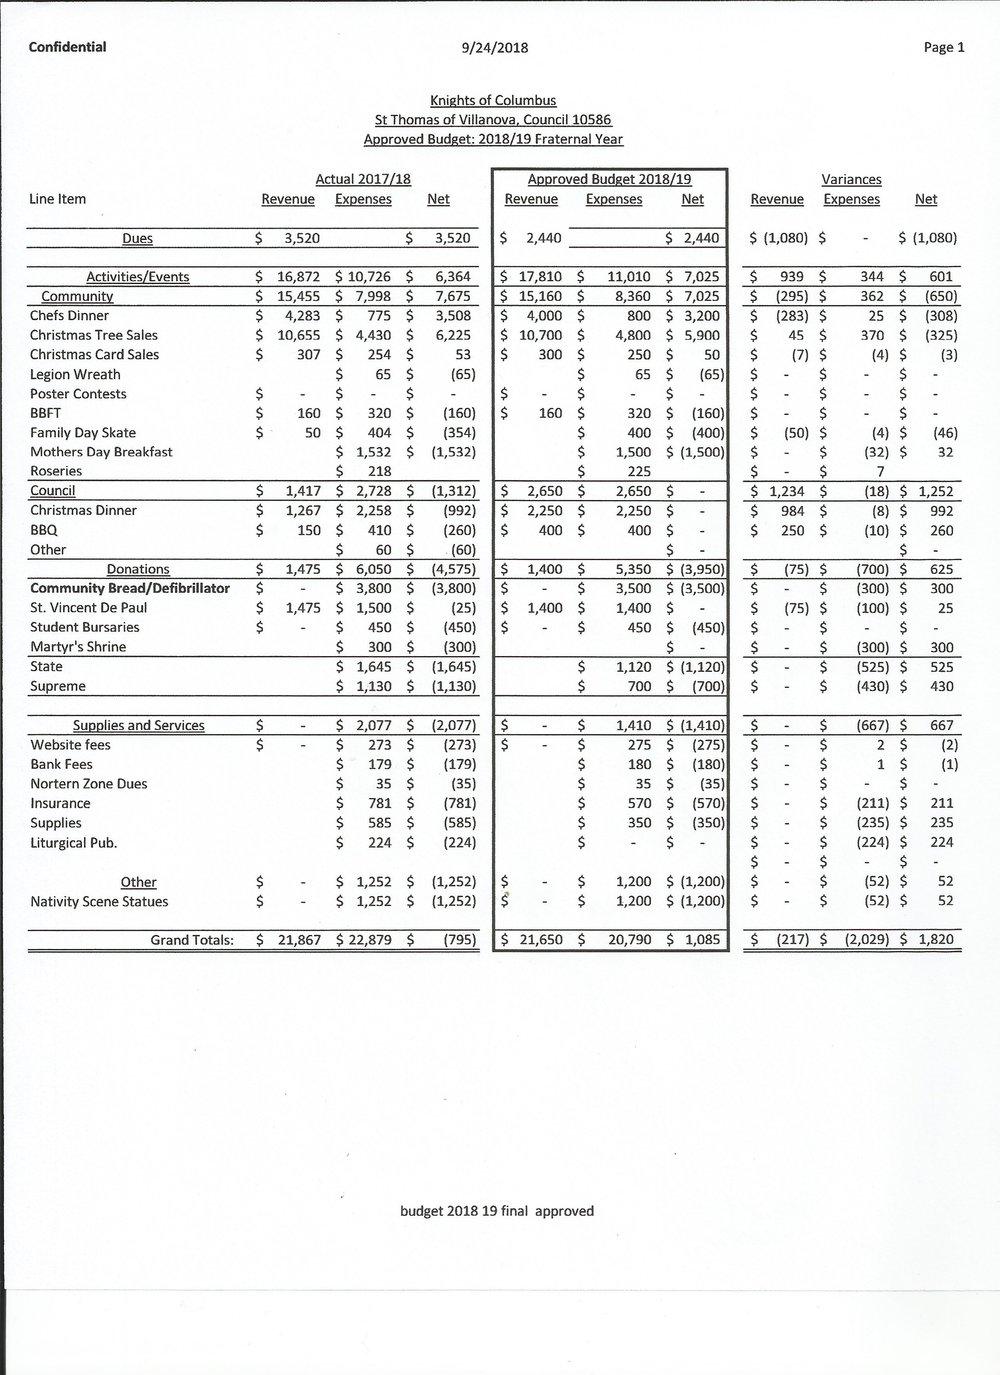 budget final 18 19.jpg